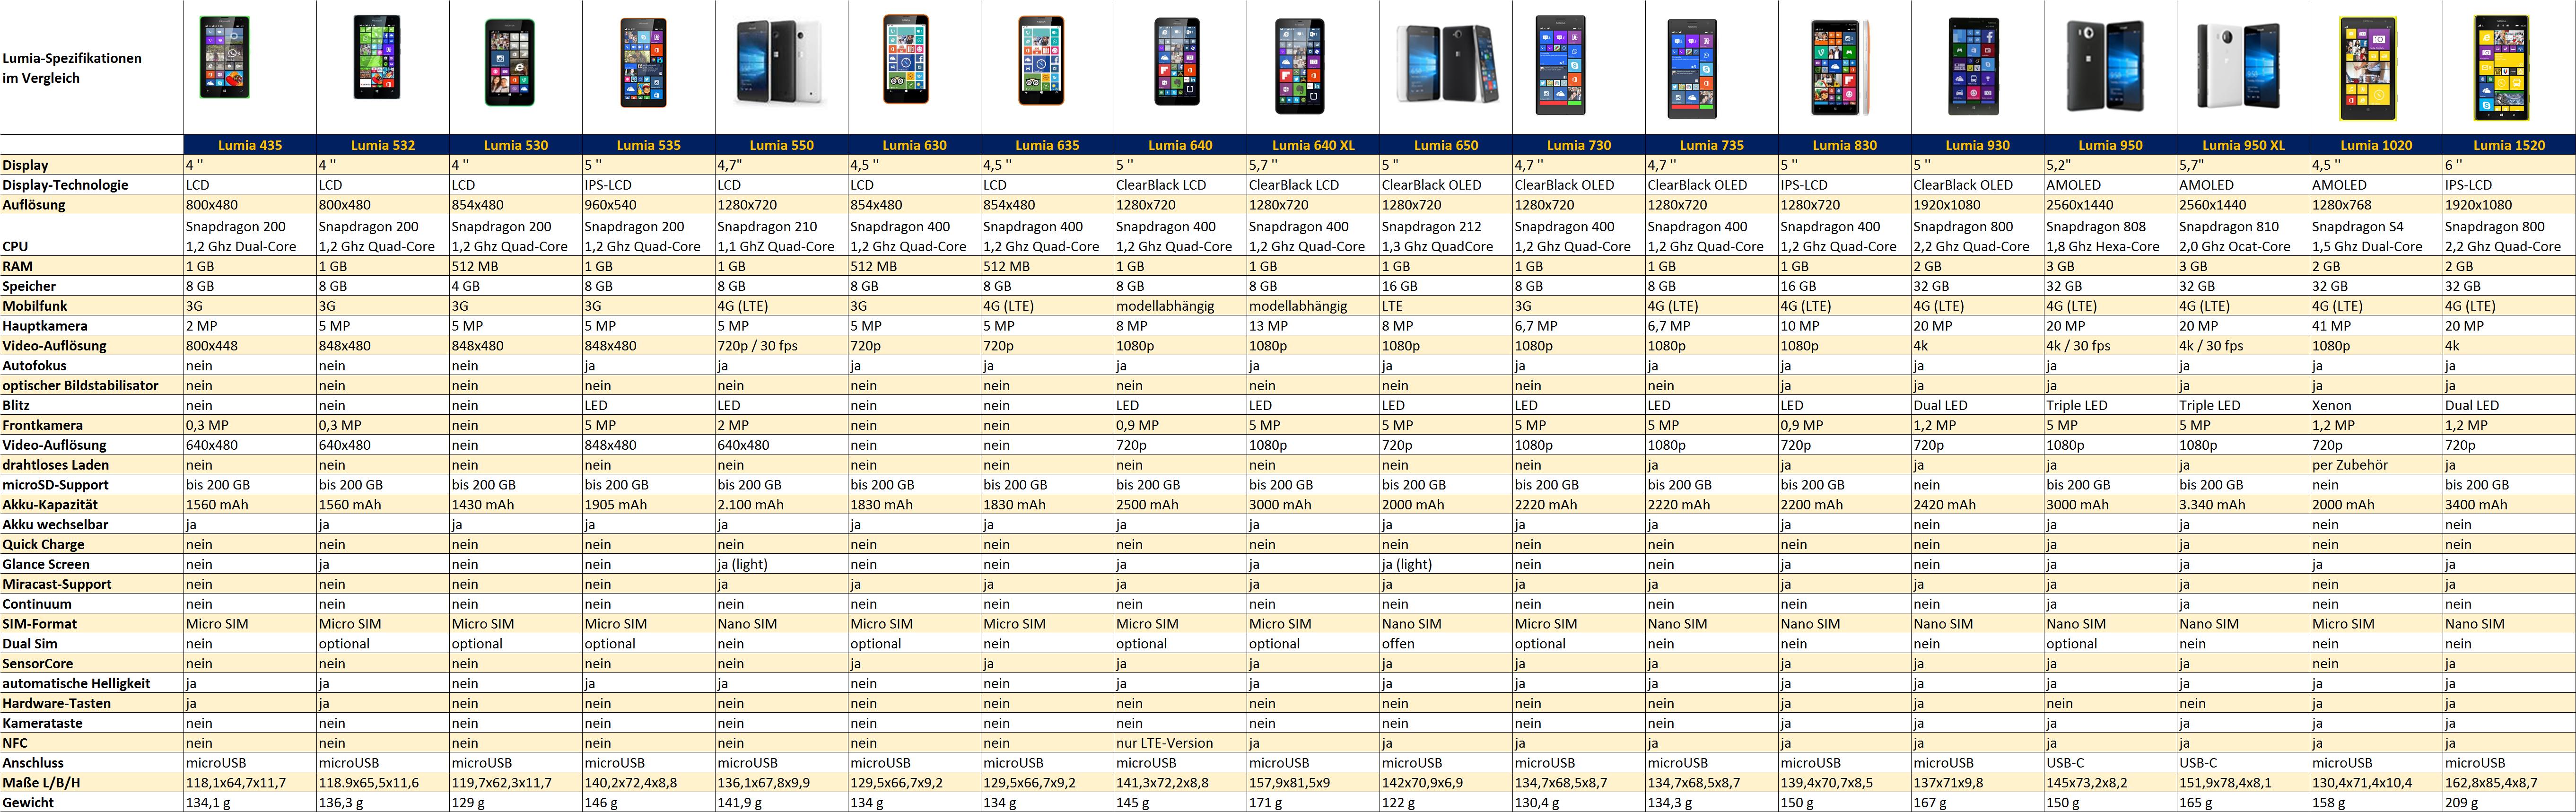 Tabelle: Technische Daten aller aktuellen Lumia Modelle › Dr. Windows